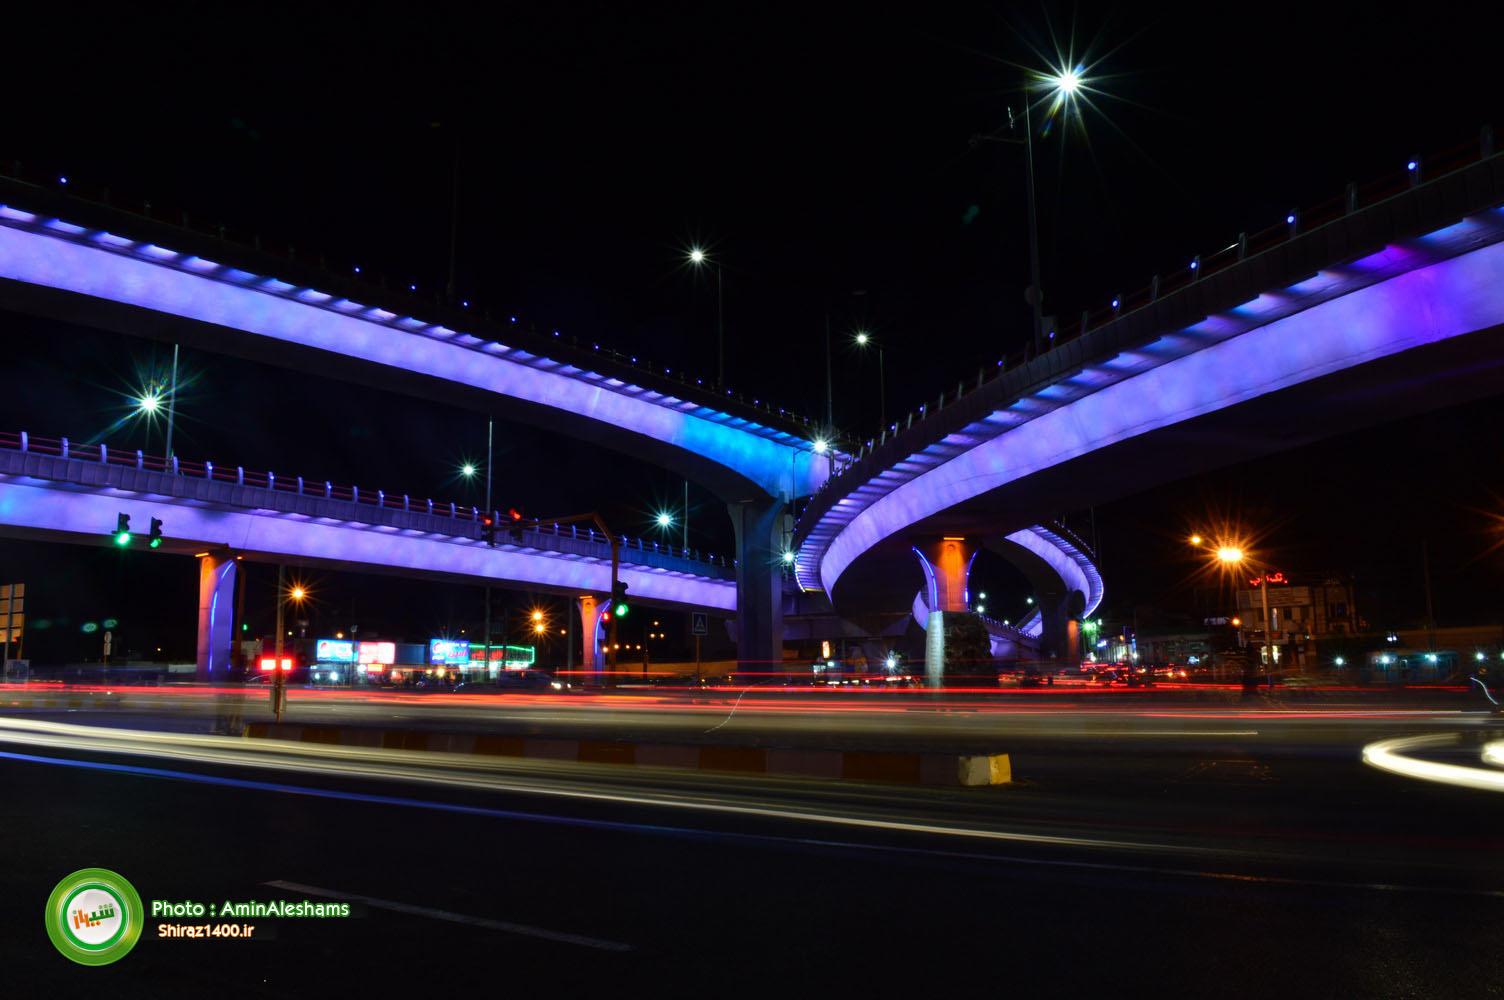 نورپردازی پل معالی آباد